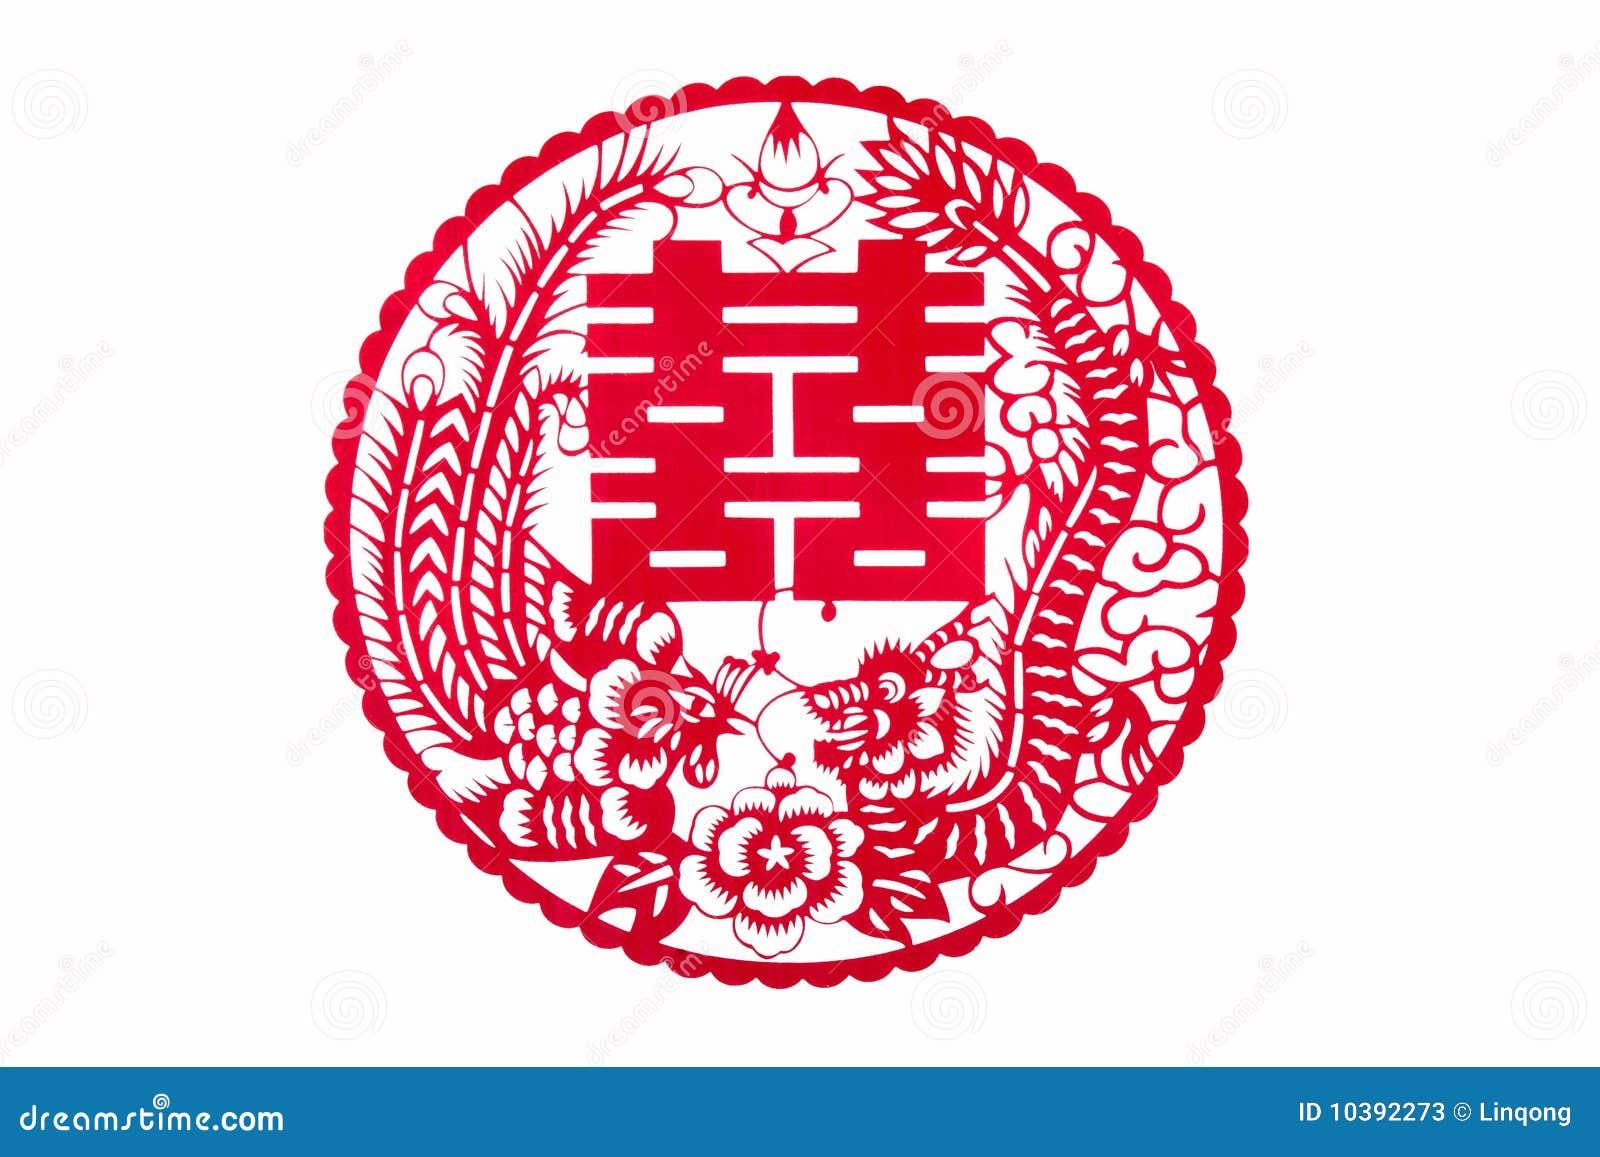 Prosperity Symbols Ancient